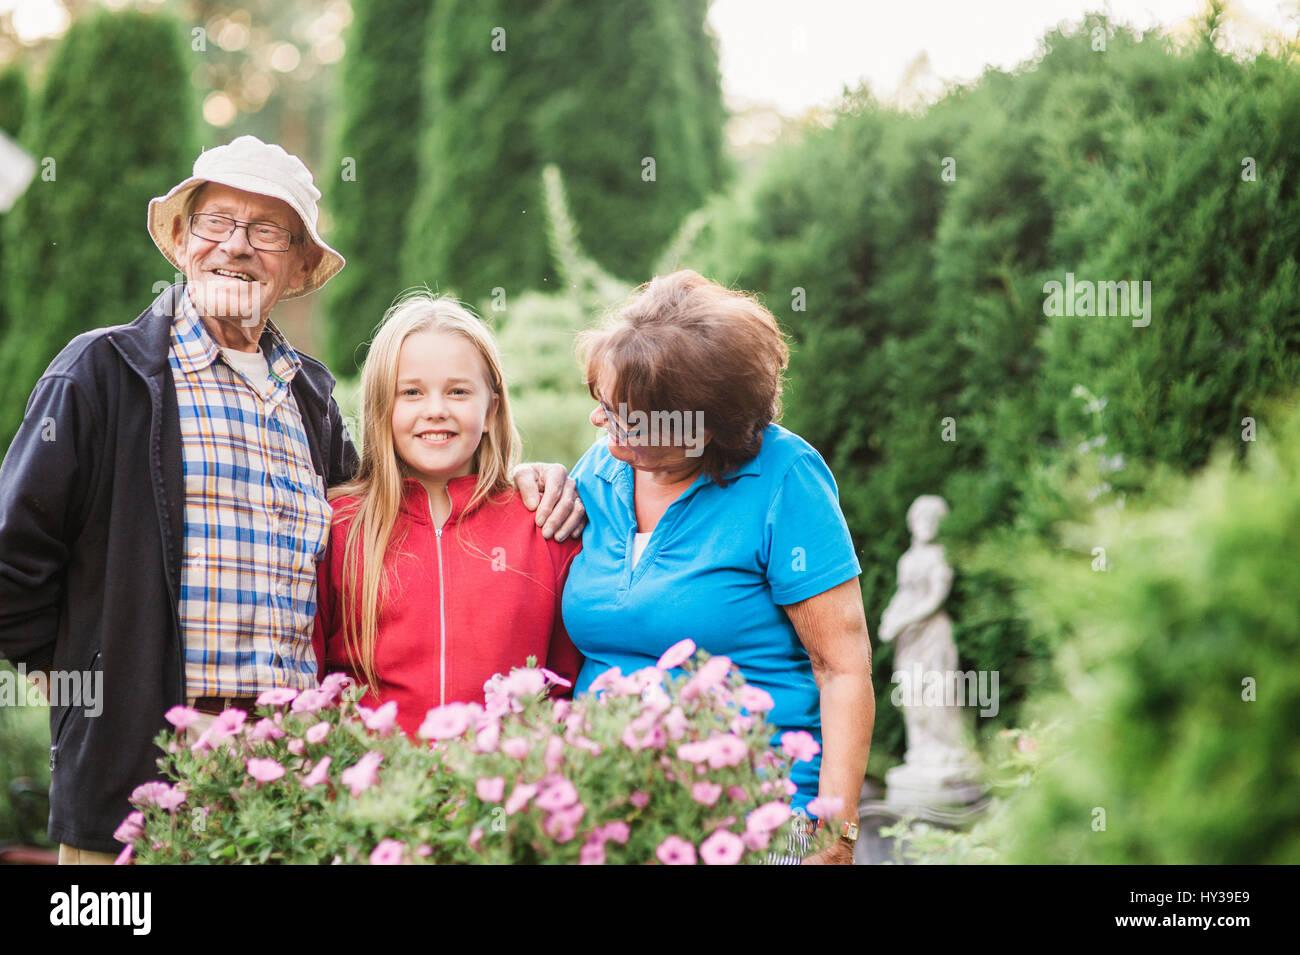 Schweden, vastmanland, hallefors, Bergslagen, Mädchen (12-13) mit Großeltern im Garten posing Stockbild